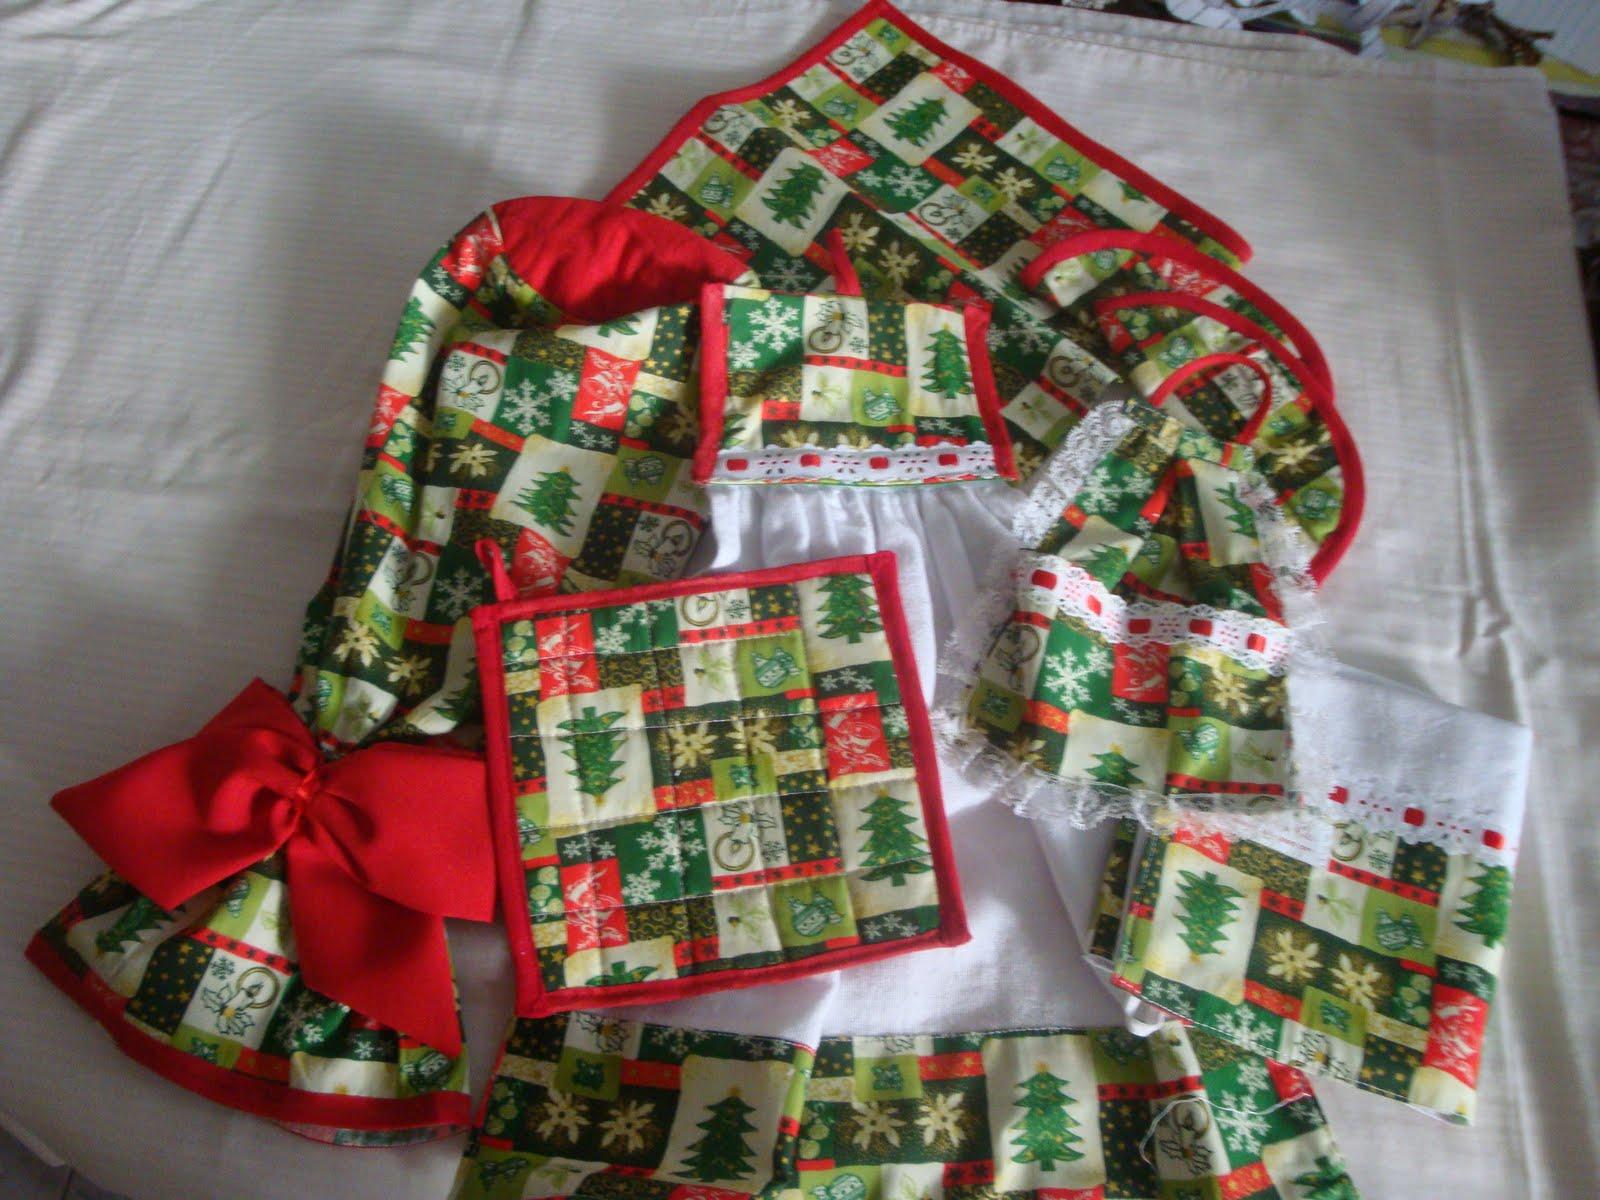 decoracao cozinha natal : decoracao cozinha natal:Linhas e Farinhas: Decoração Natal para cozinha